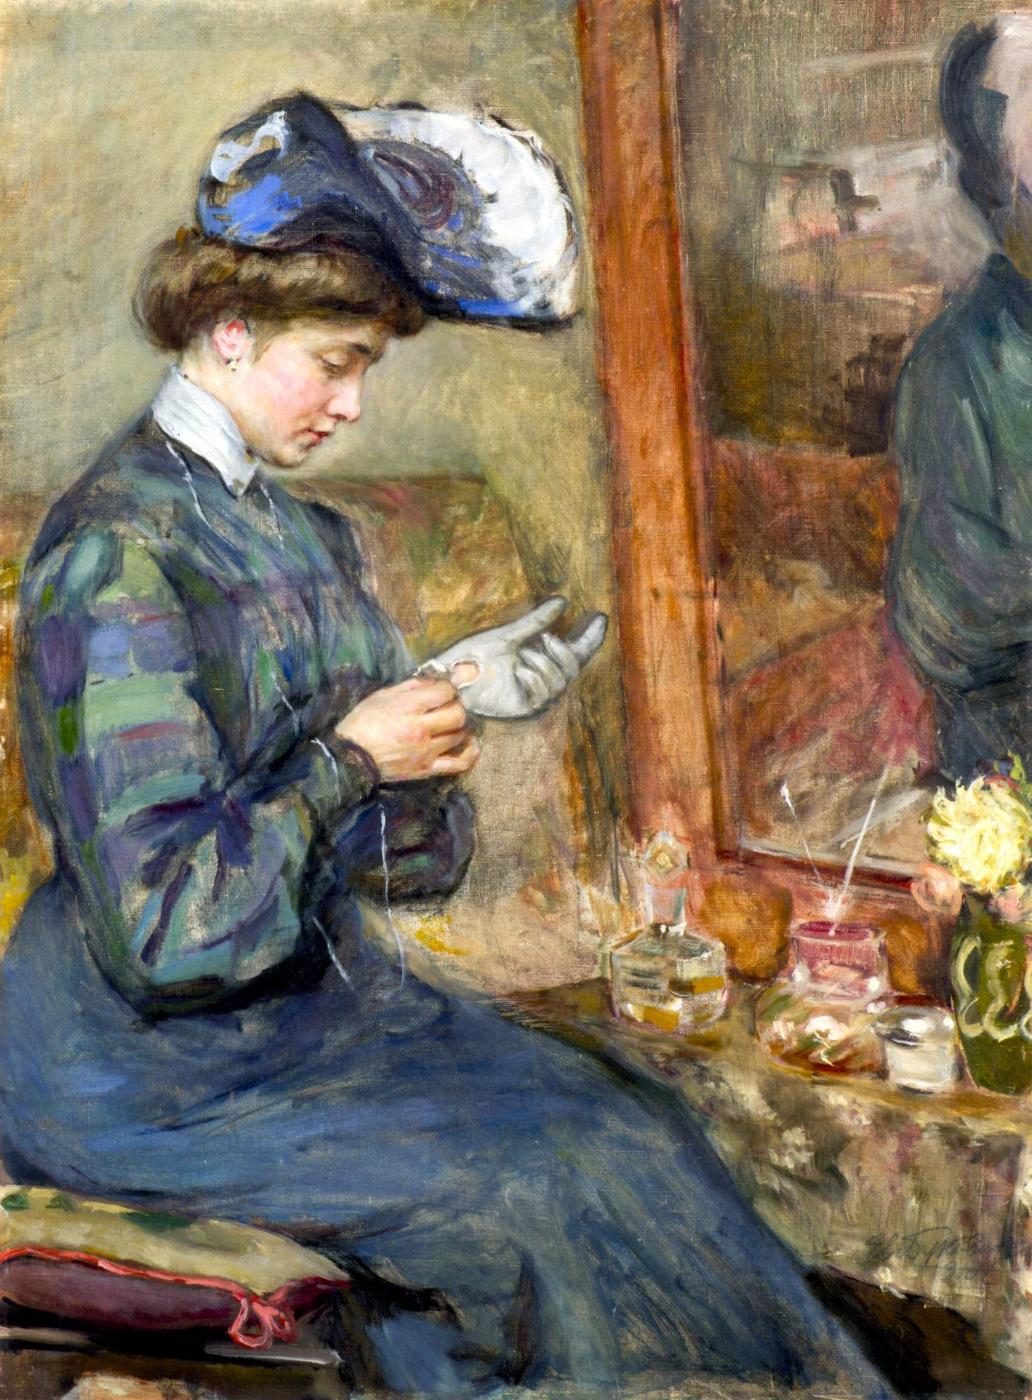 Евгений Иосифович Буковецкий. Woman with a glove at the mirror